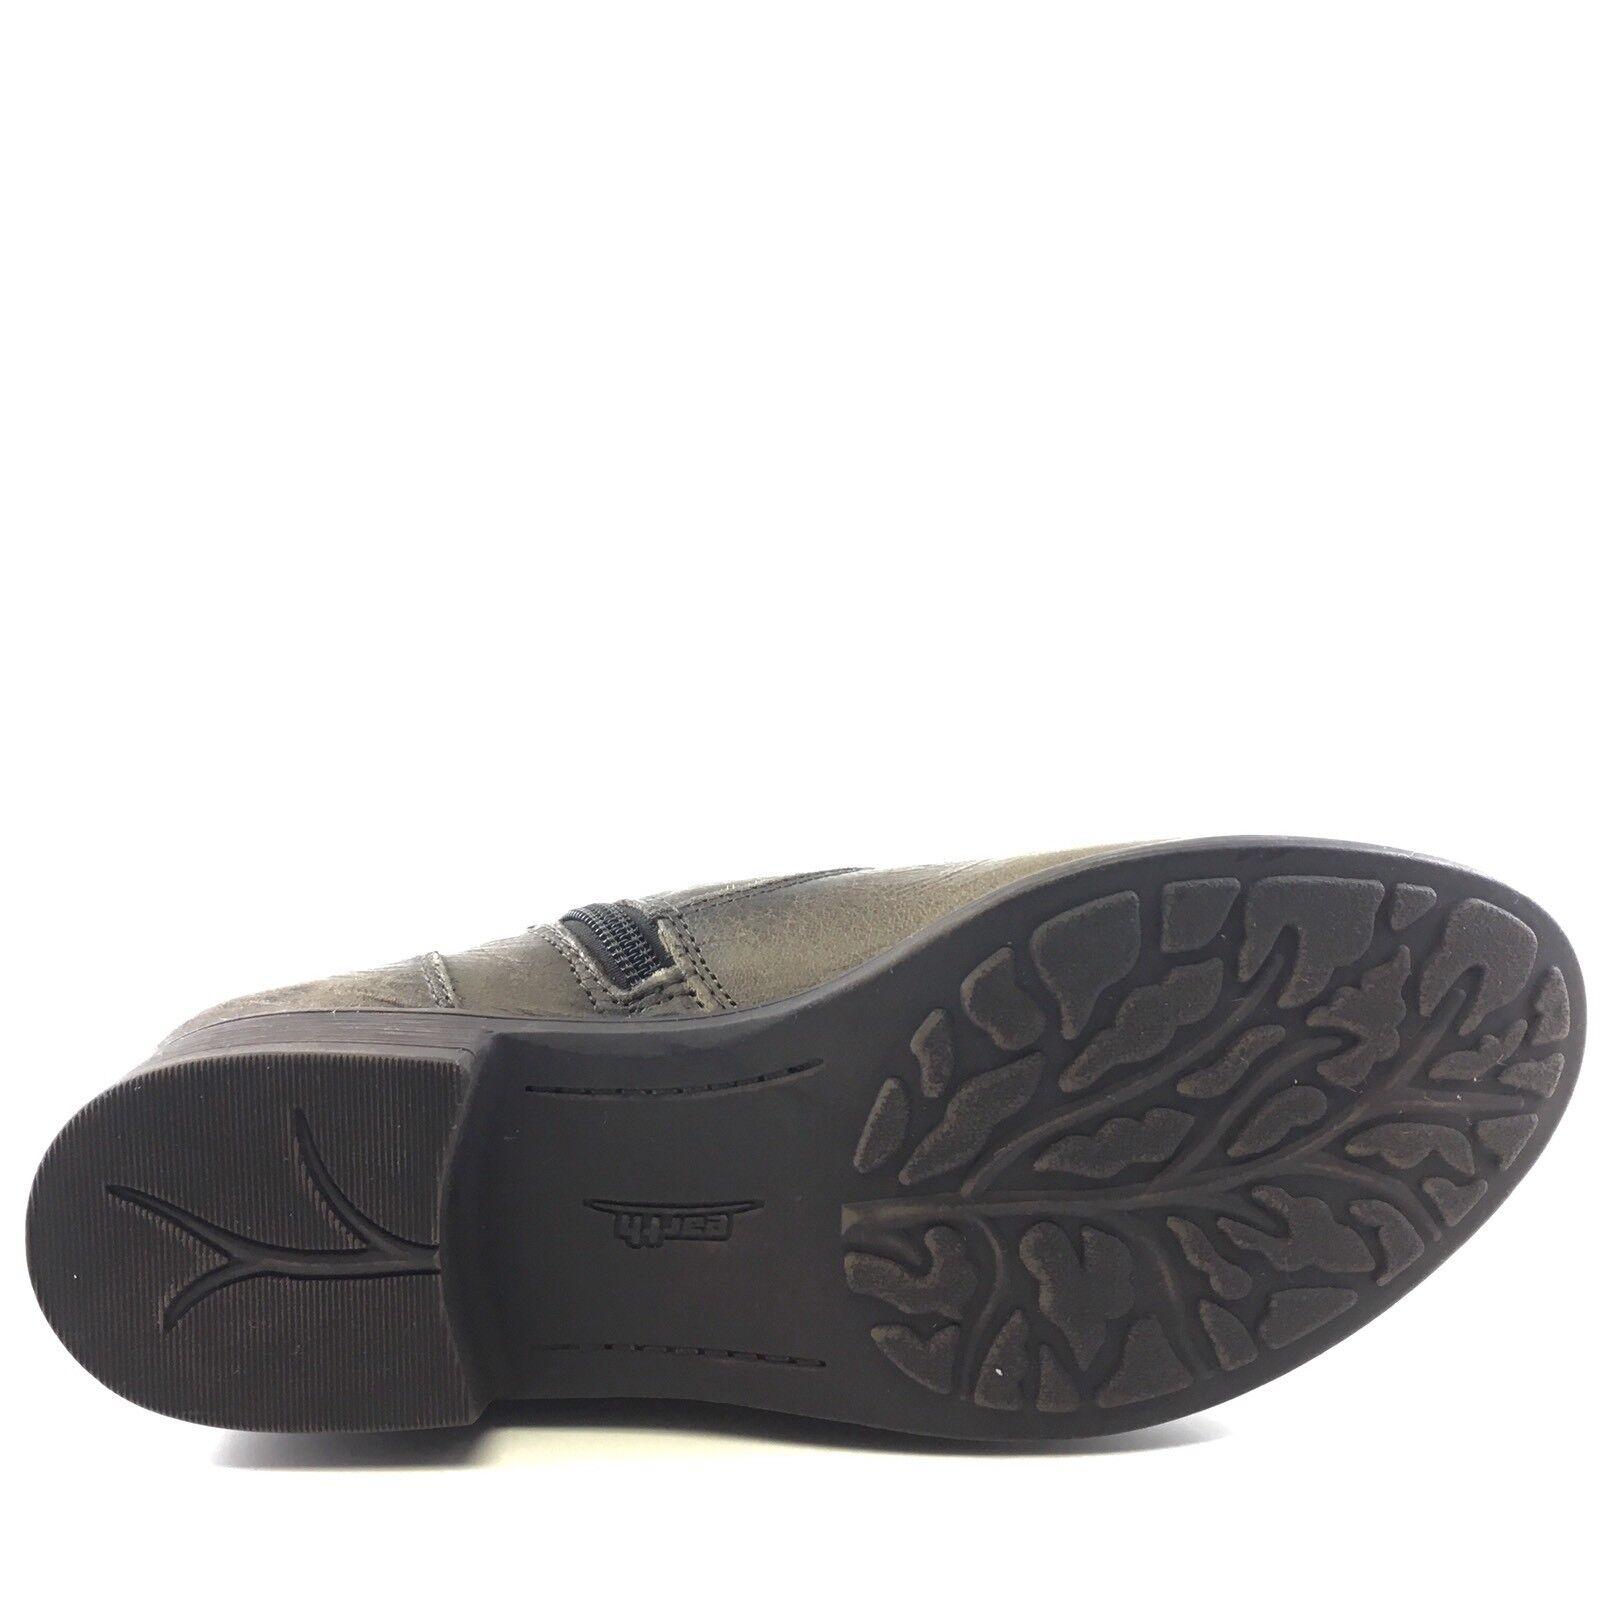 Tierra De Cuero gris gris Cuero Pardo Noruega Cremallera Tobillo botas Para Mujer Talla 6.5 M  31b829